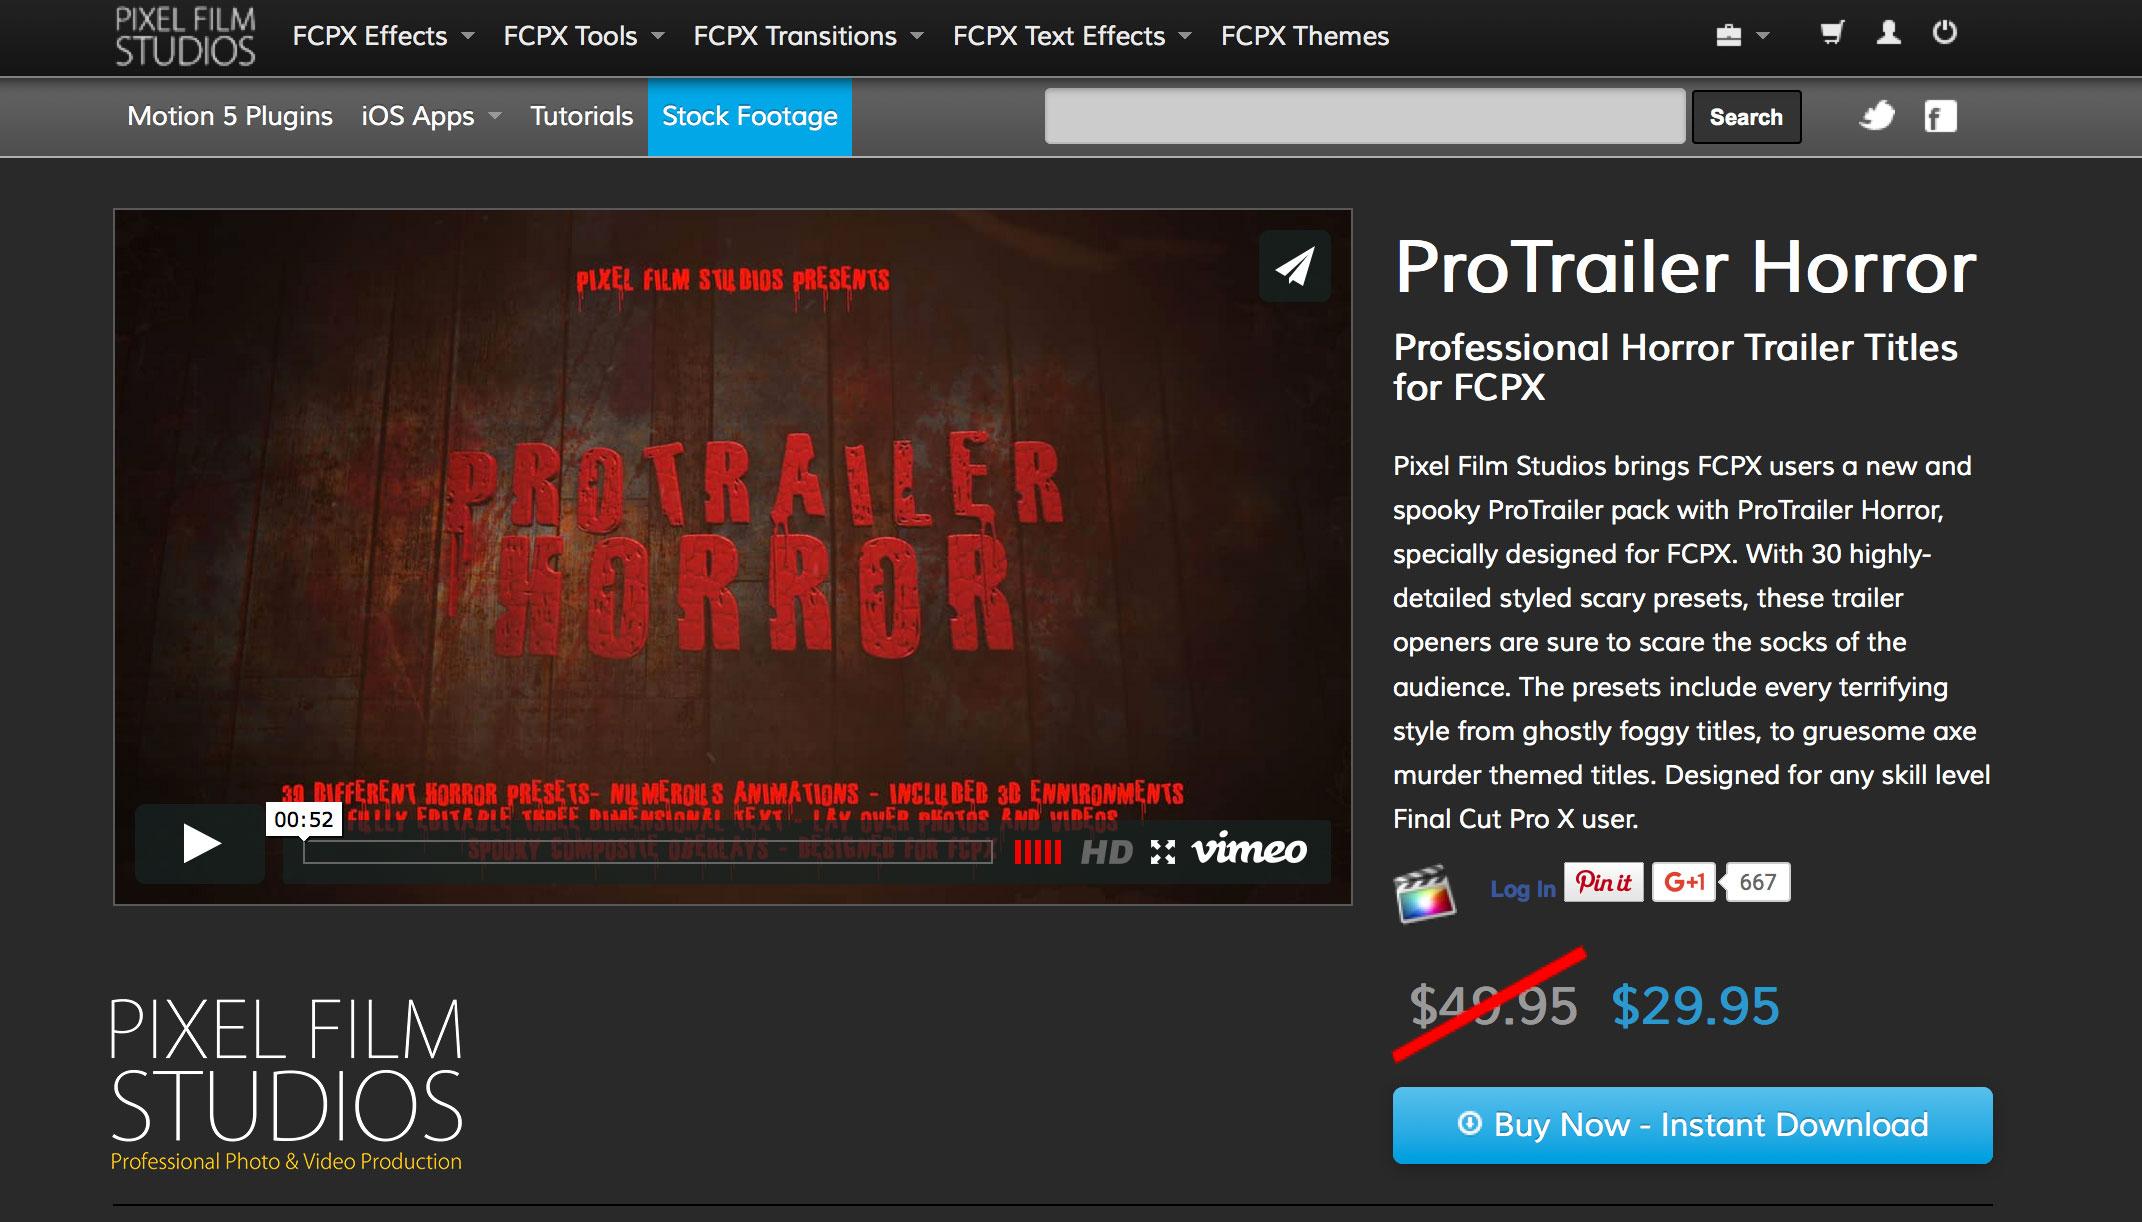 Final Cut Pro X Effect ProTrailer Horror is released by Pixel Film